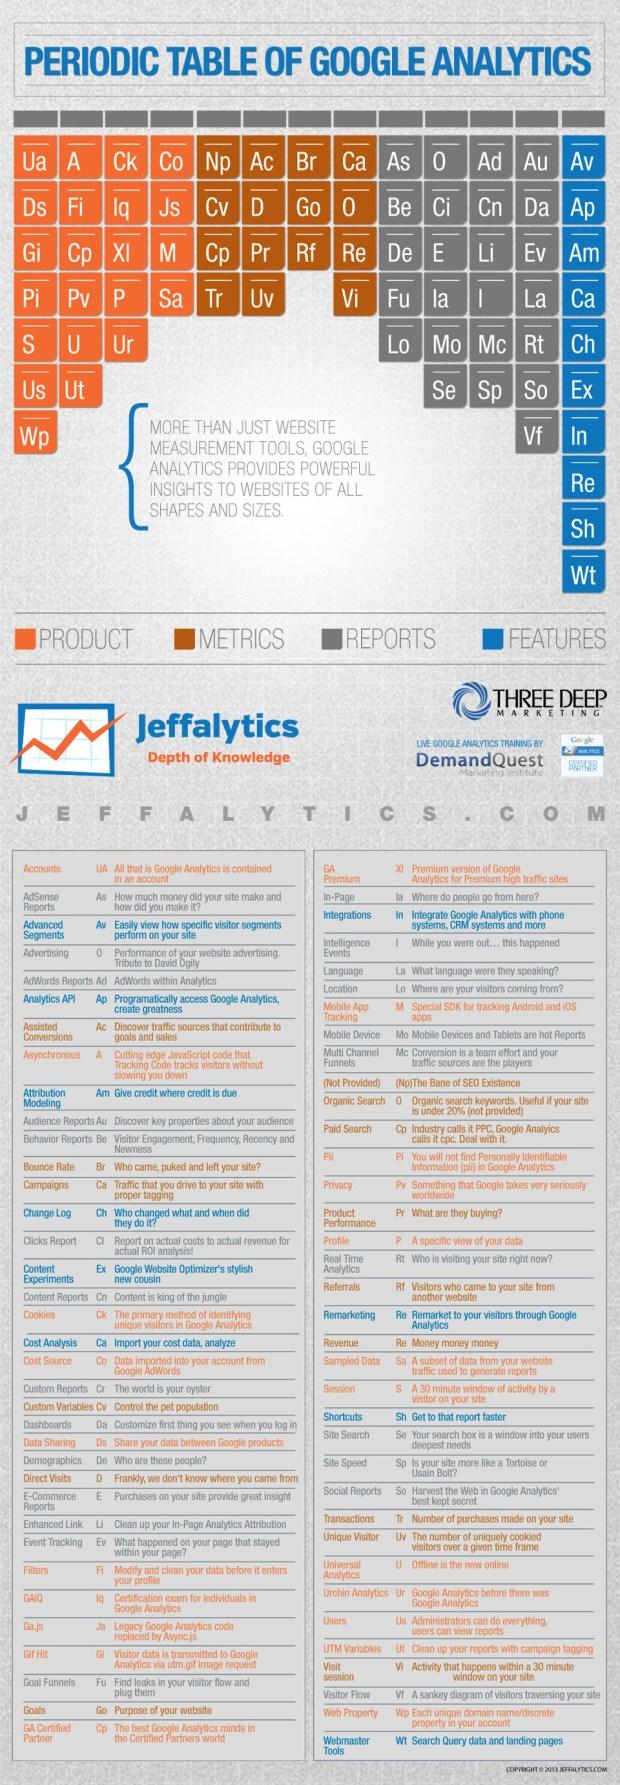 Google Analytics, periodic table,